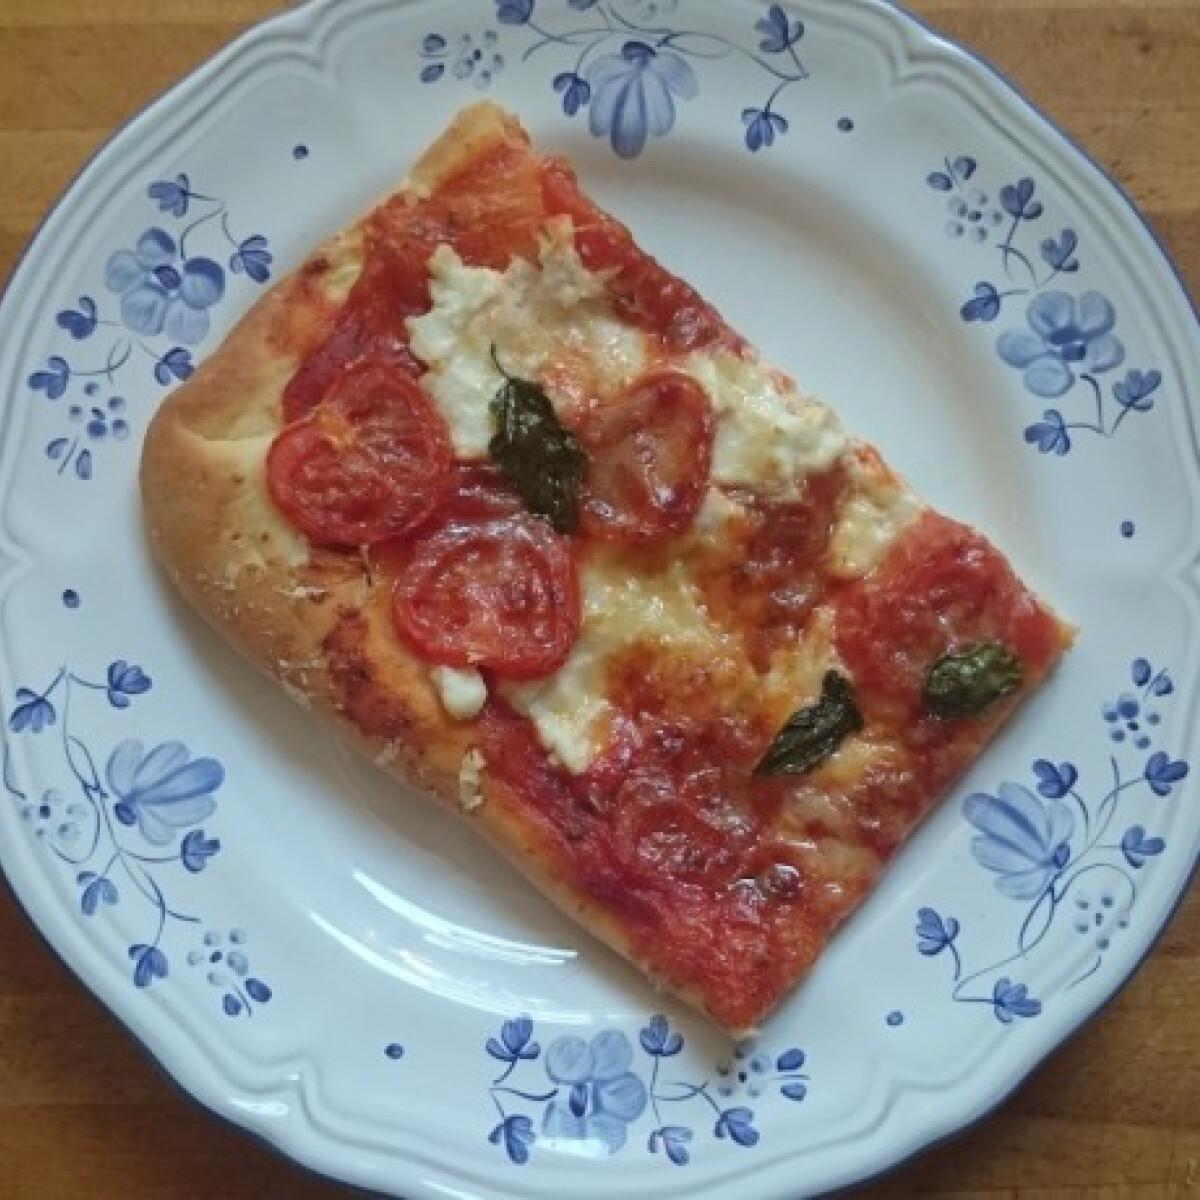 Pizzatészta ricottás-paradicsomos feltéttel